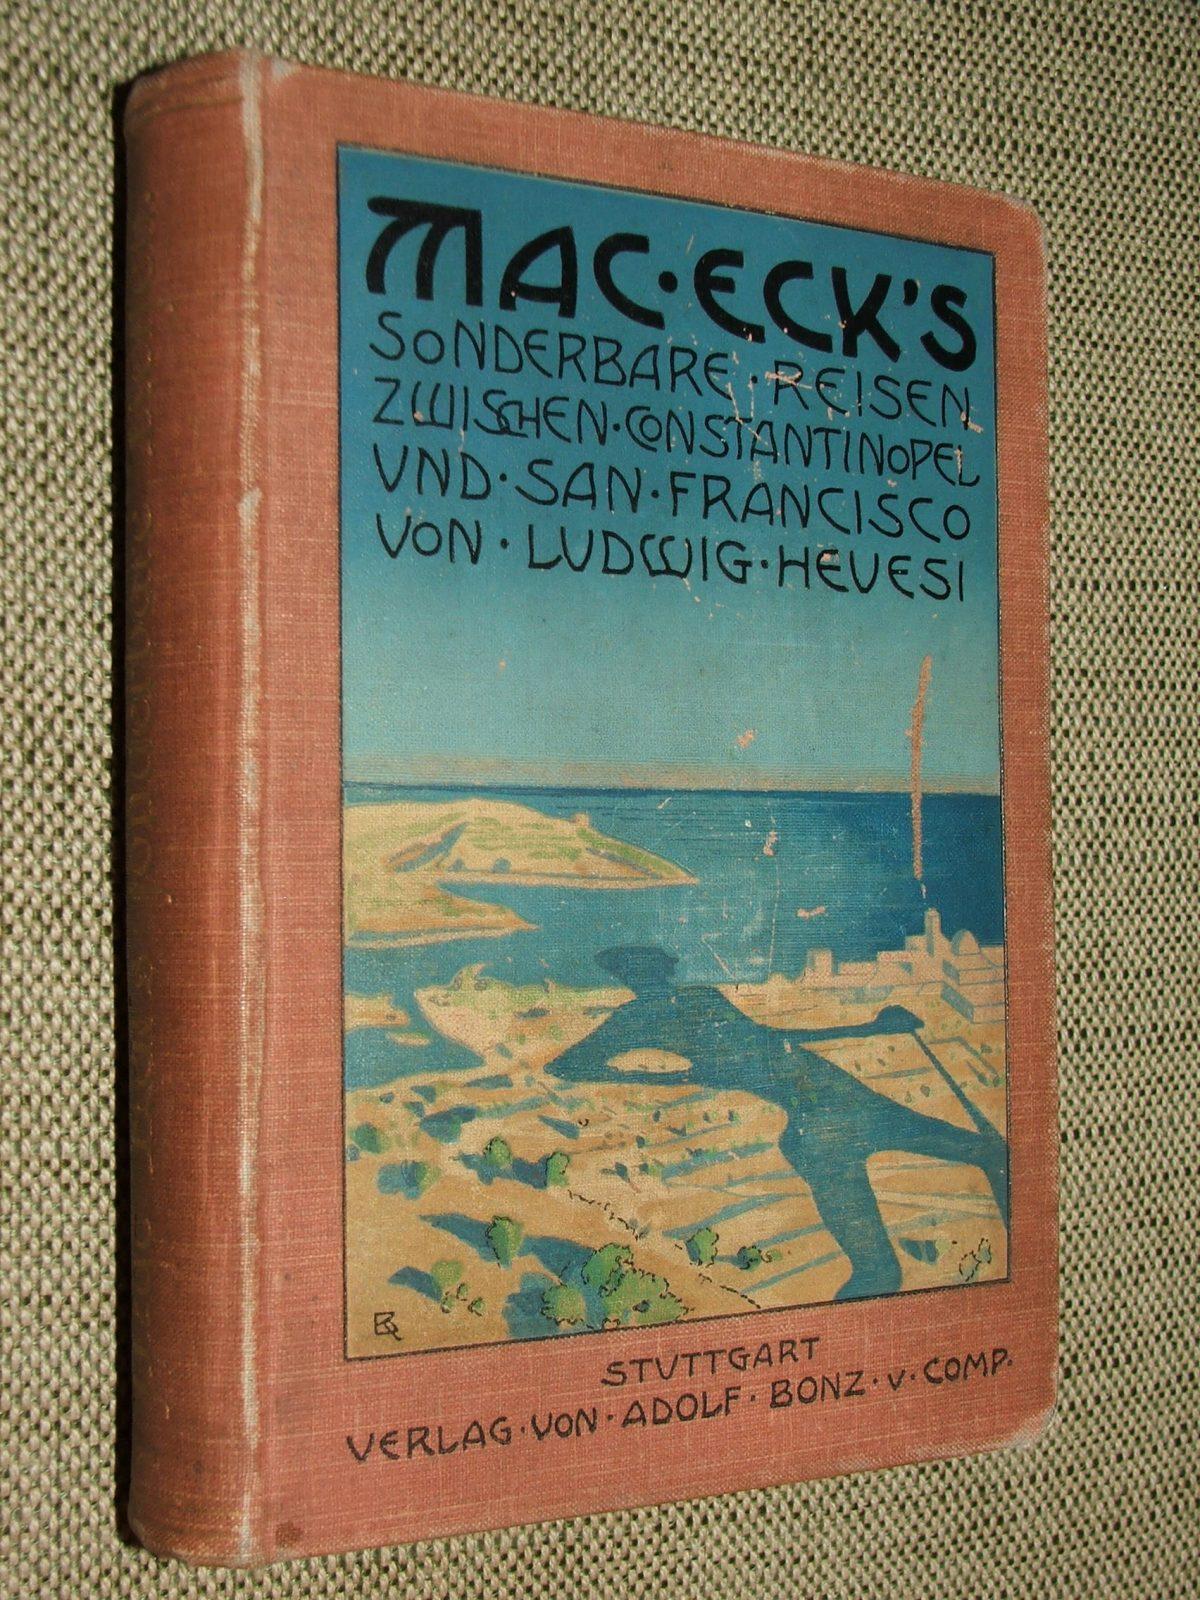 HEVESI, Ludwig (Lajos): Mac Eck's Sonderbare Reisen zwischen Konstantinopel und San Francisco.